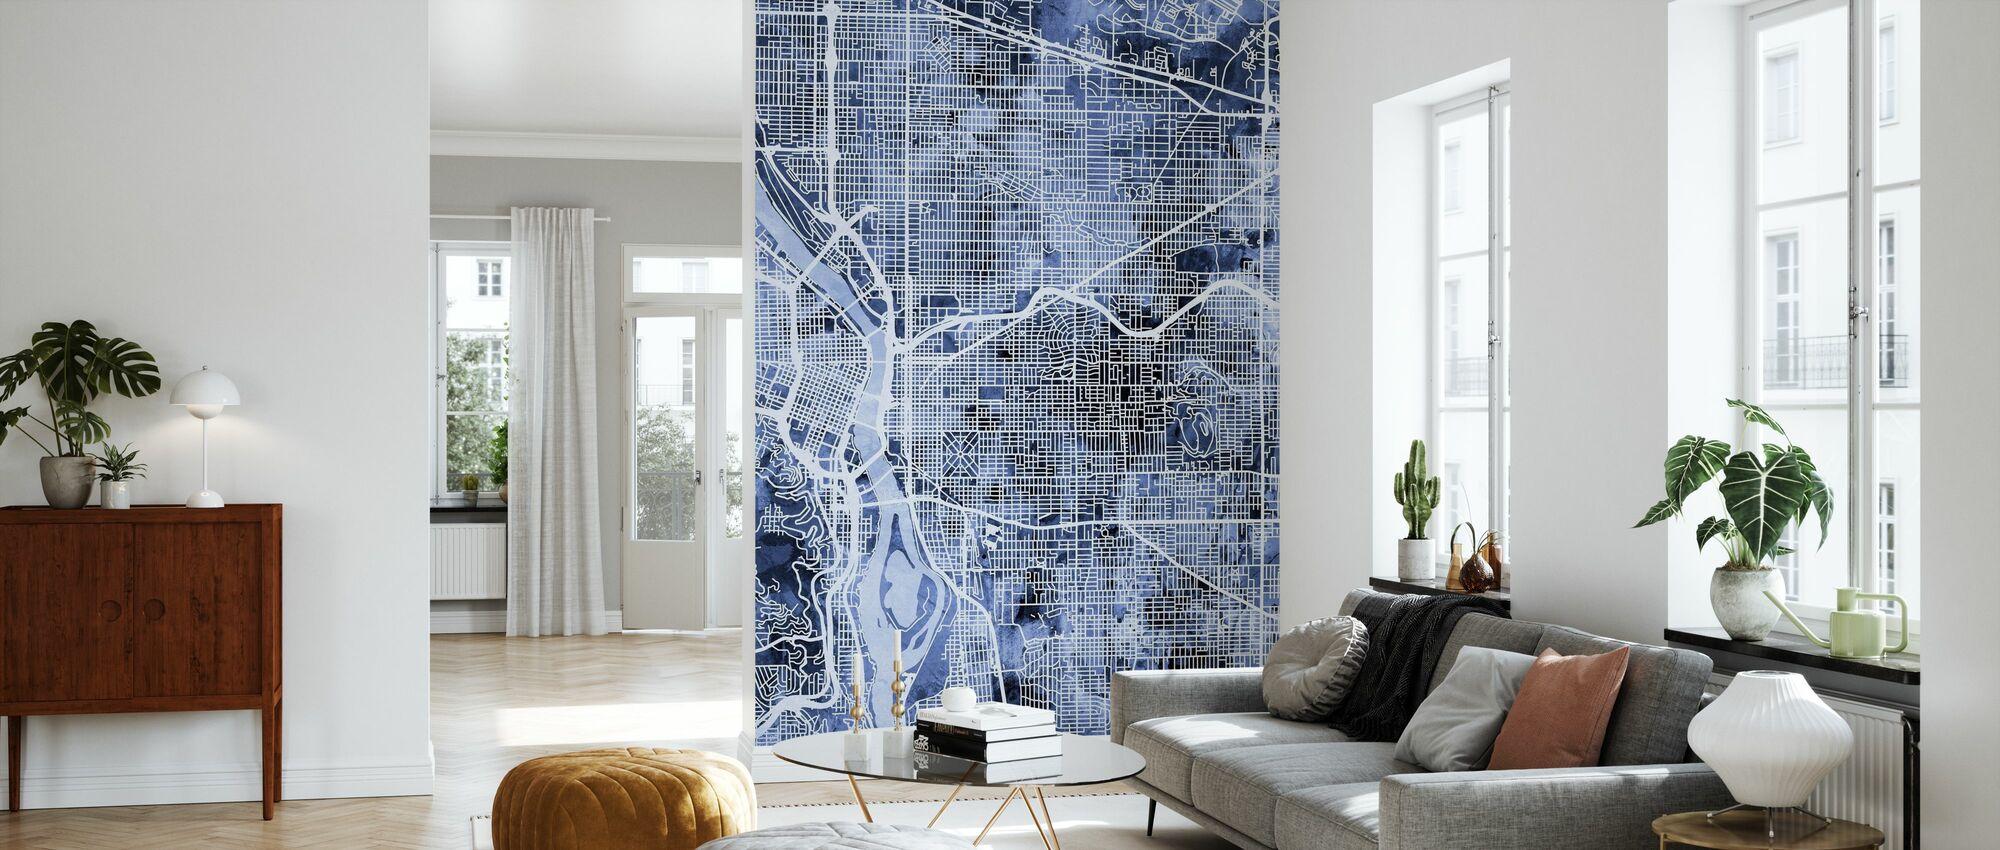 Portland Oregon City Map - Wallpaper - Living Room